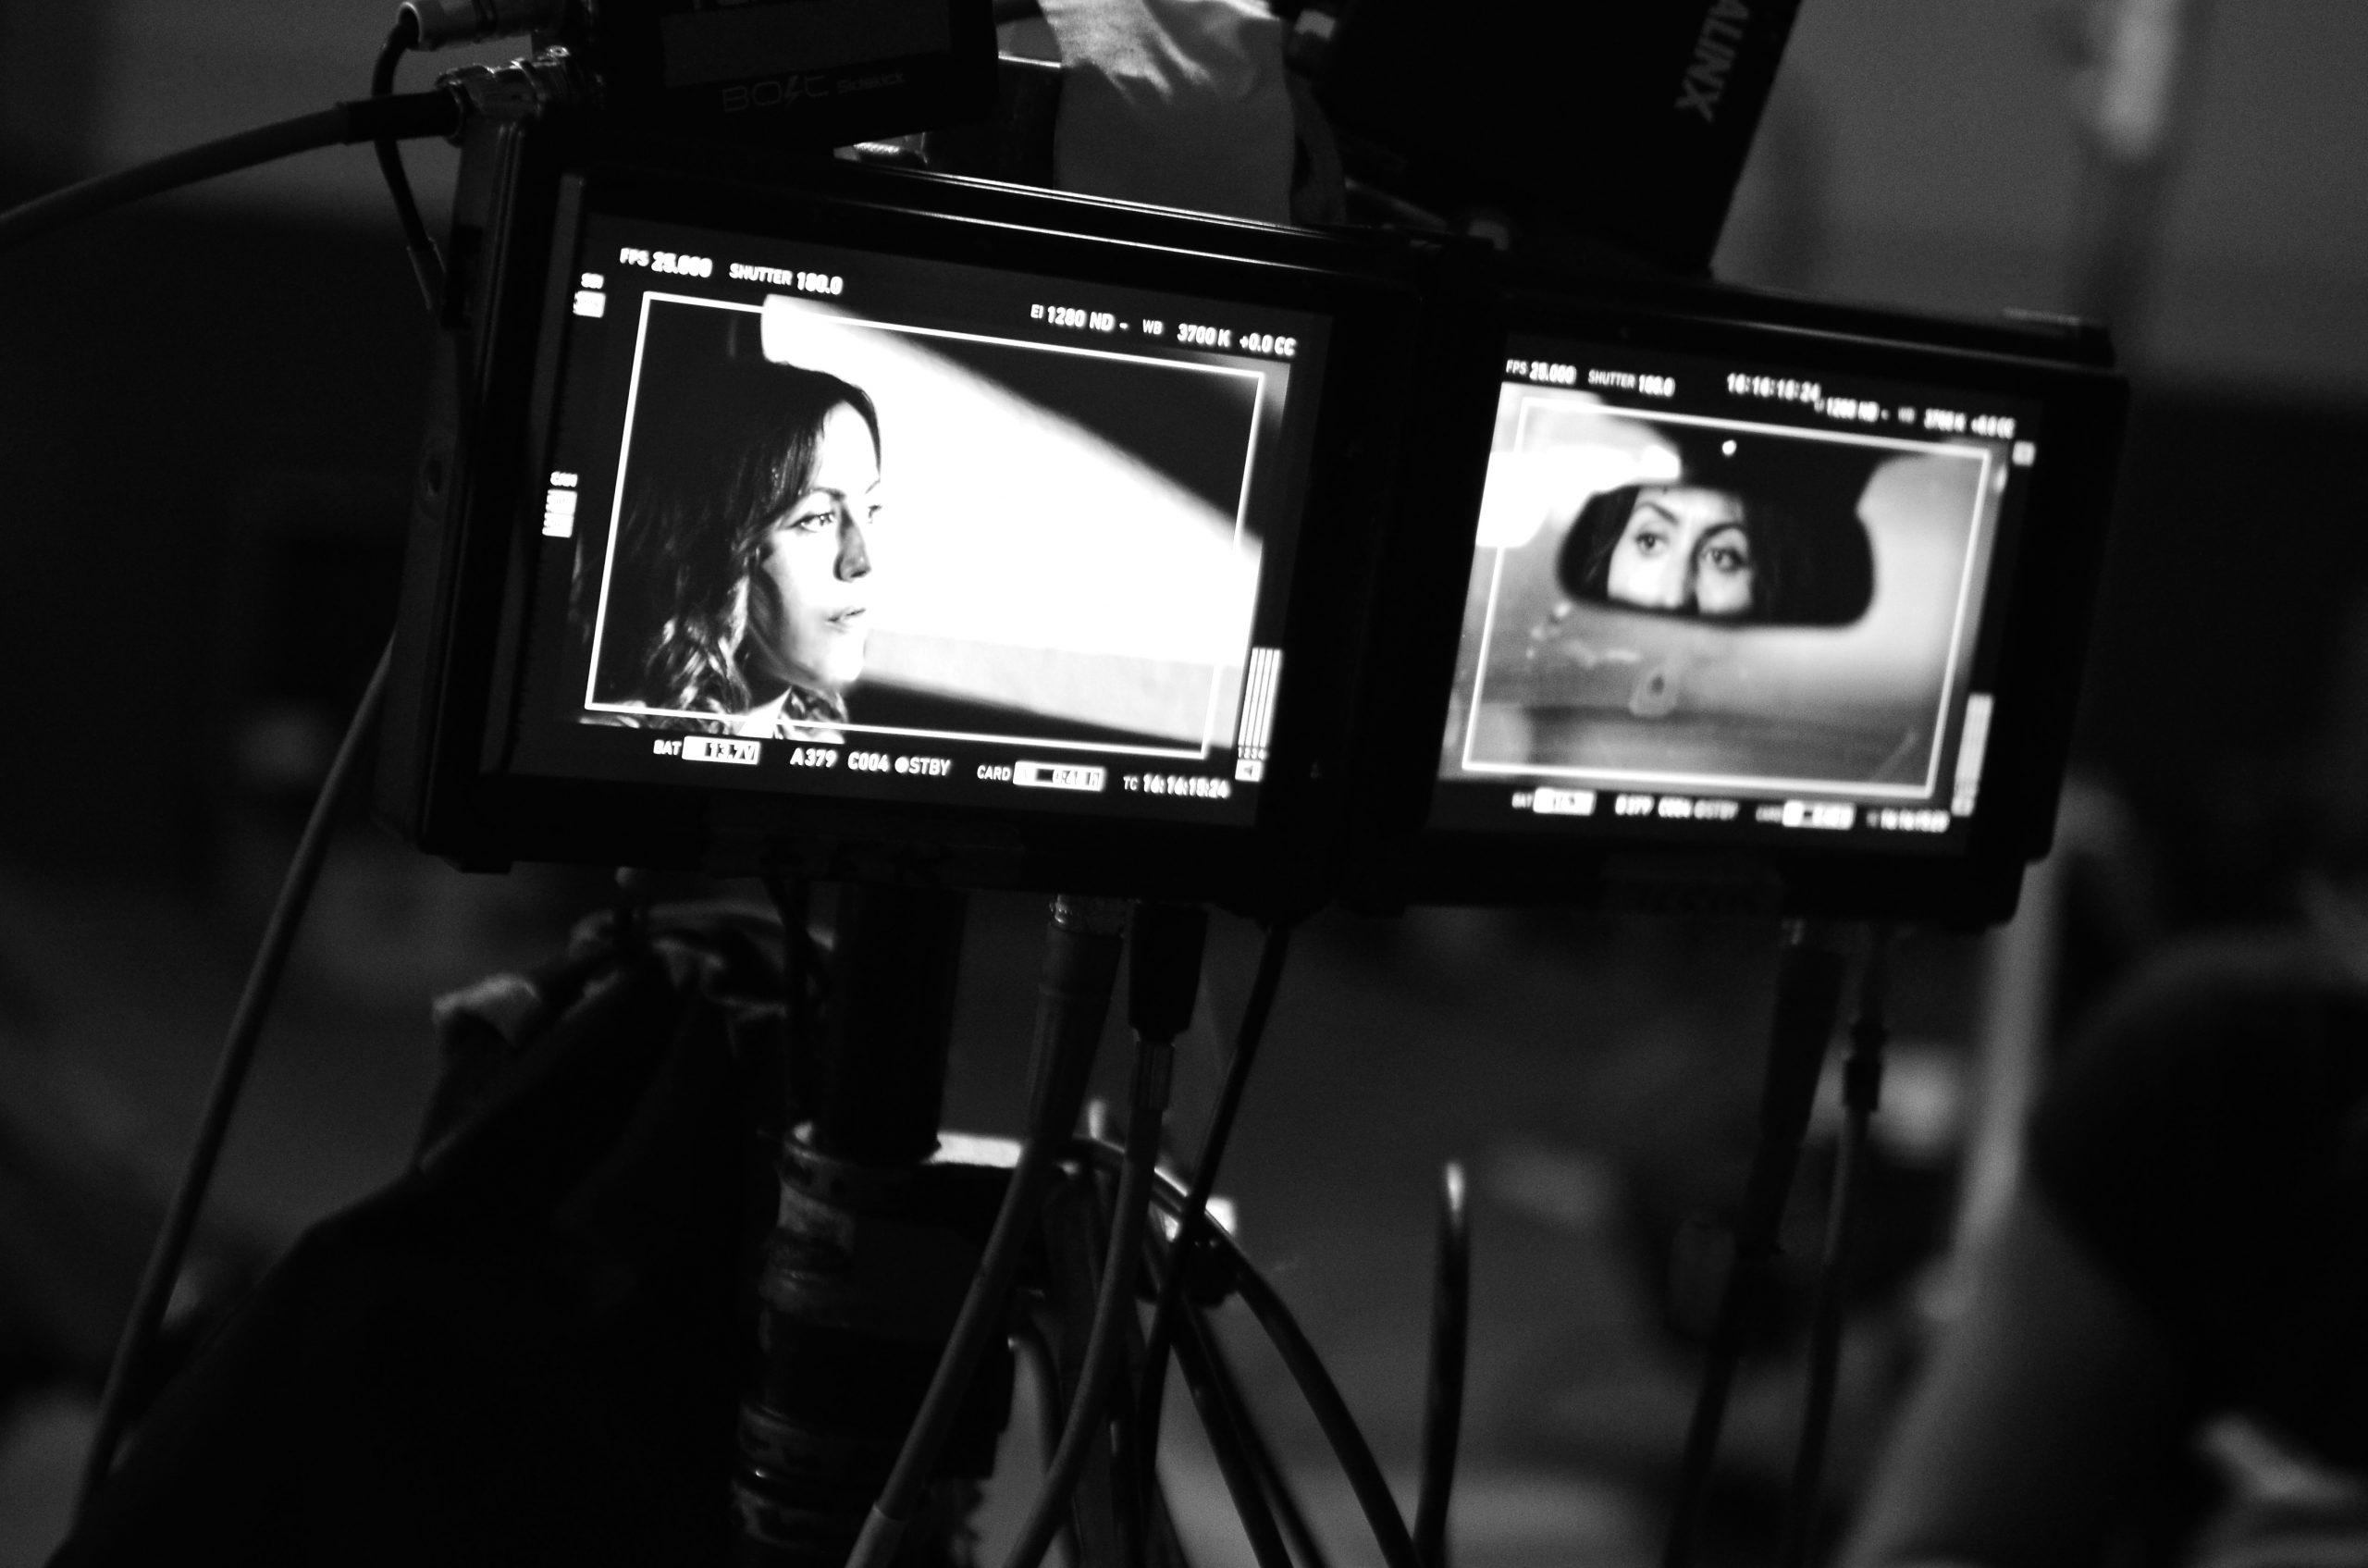 PLANO A PLANO | Entrevista a Paula Cámara, directora de casting en Plano a Plano